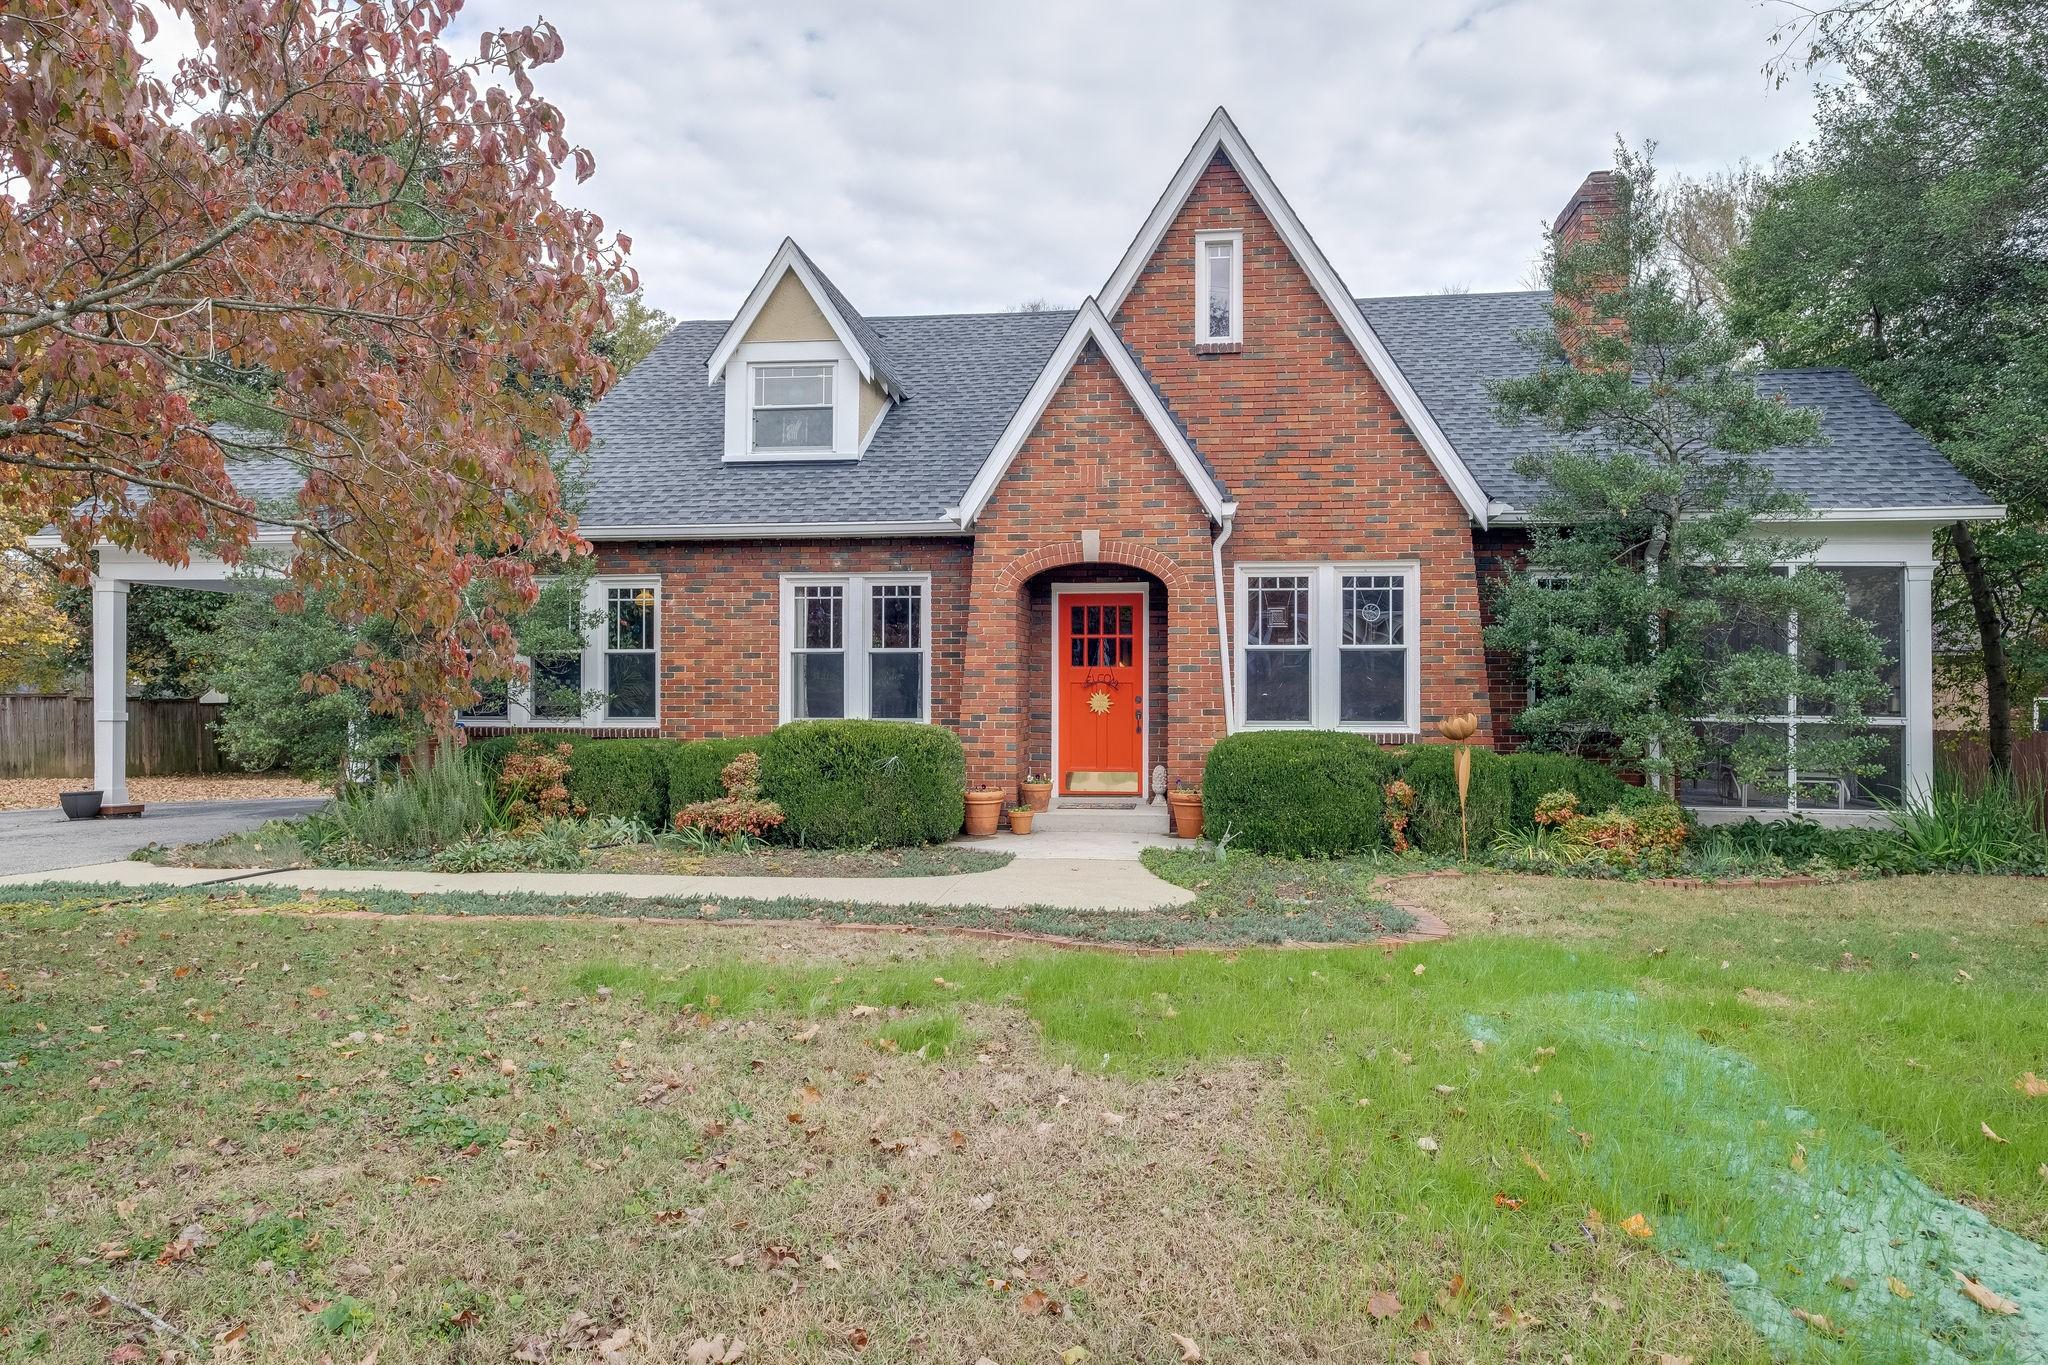 1317 Riverwood Dr, Nashville, TN 37216 - Nashville, TN real estate listing